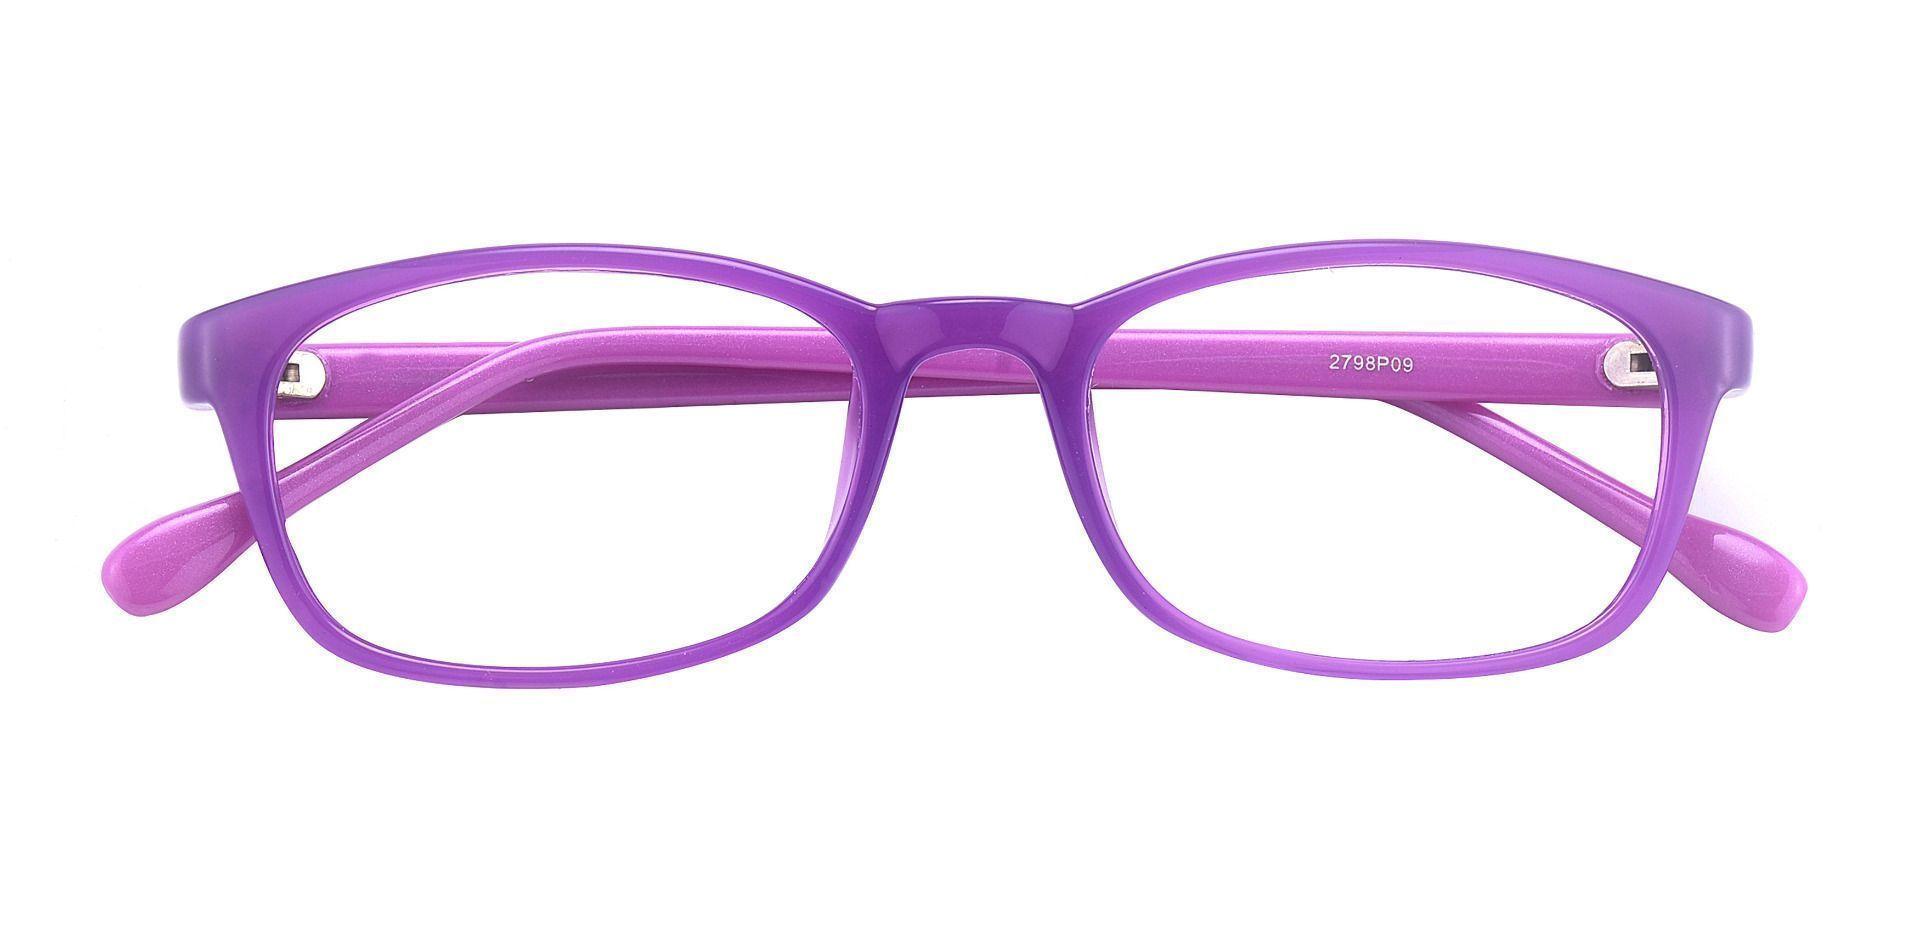 Violet Rectangle Prescription Glasses - Purple